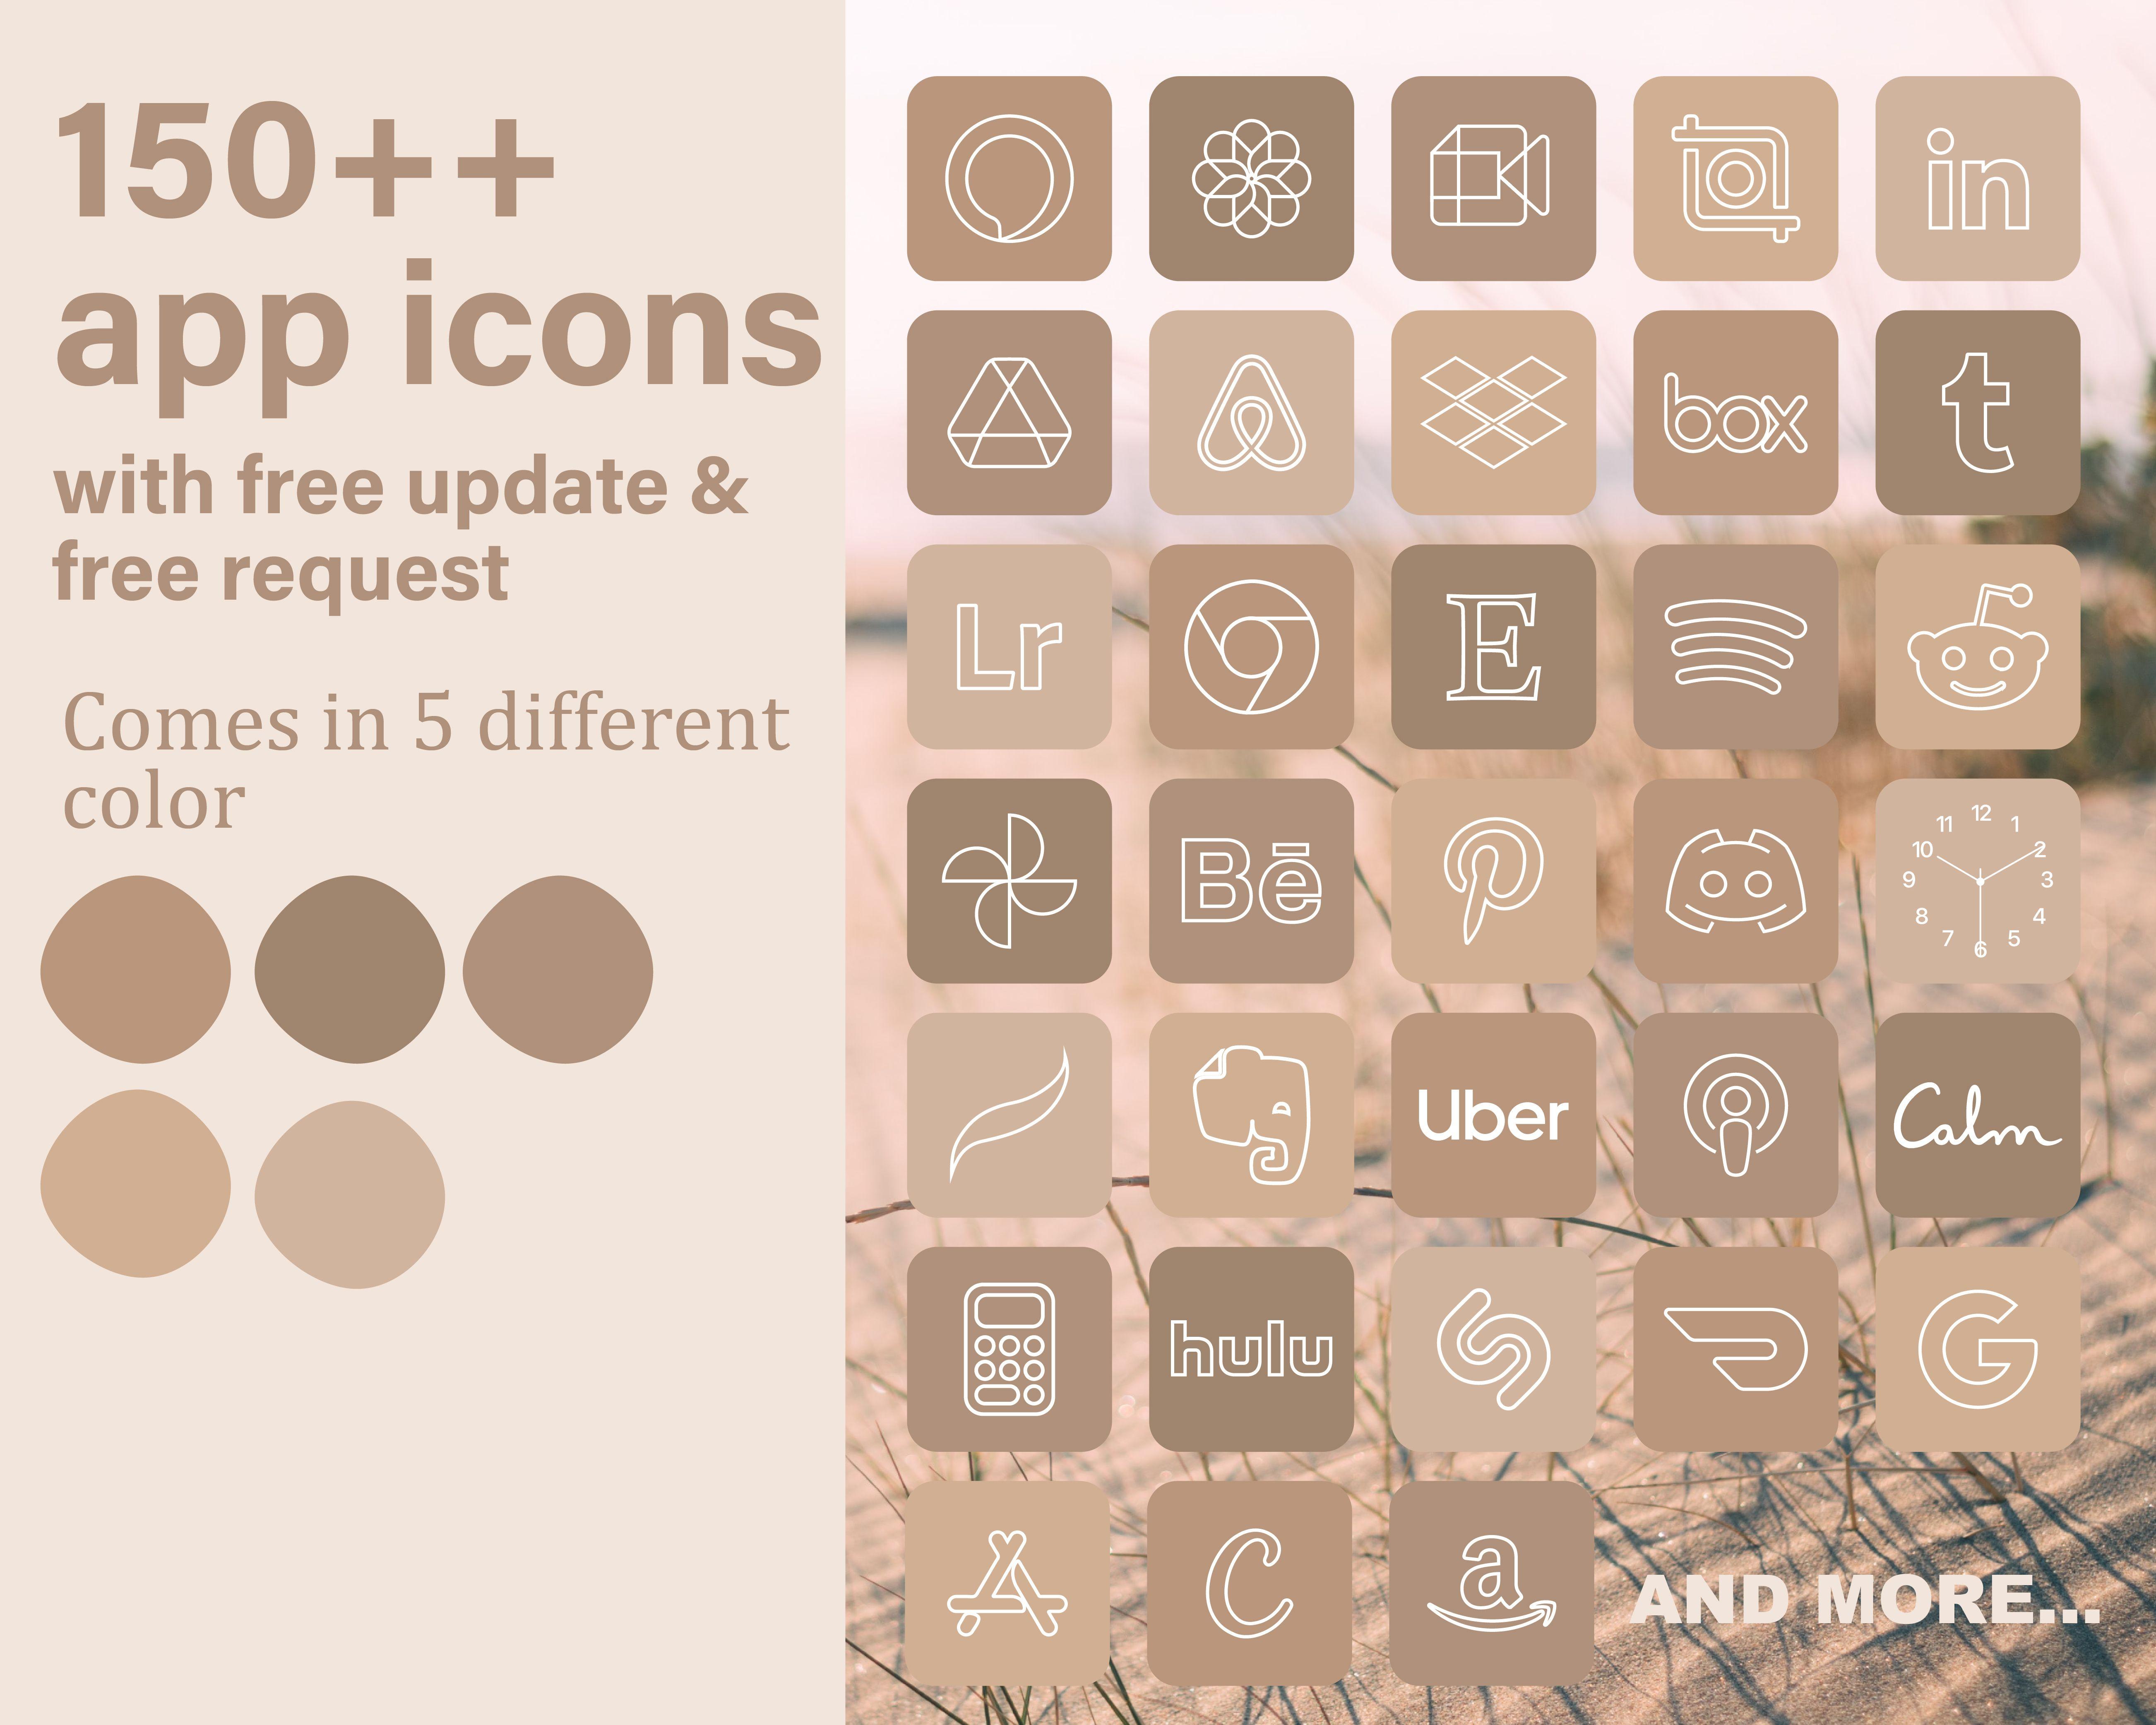 IOS 14 App Icon | Beige Nude Aesthetic App Icon |